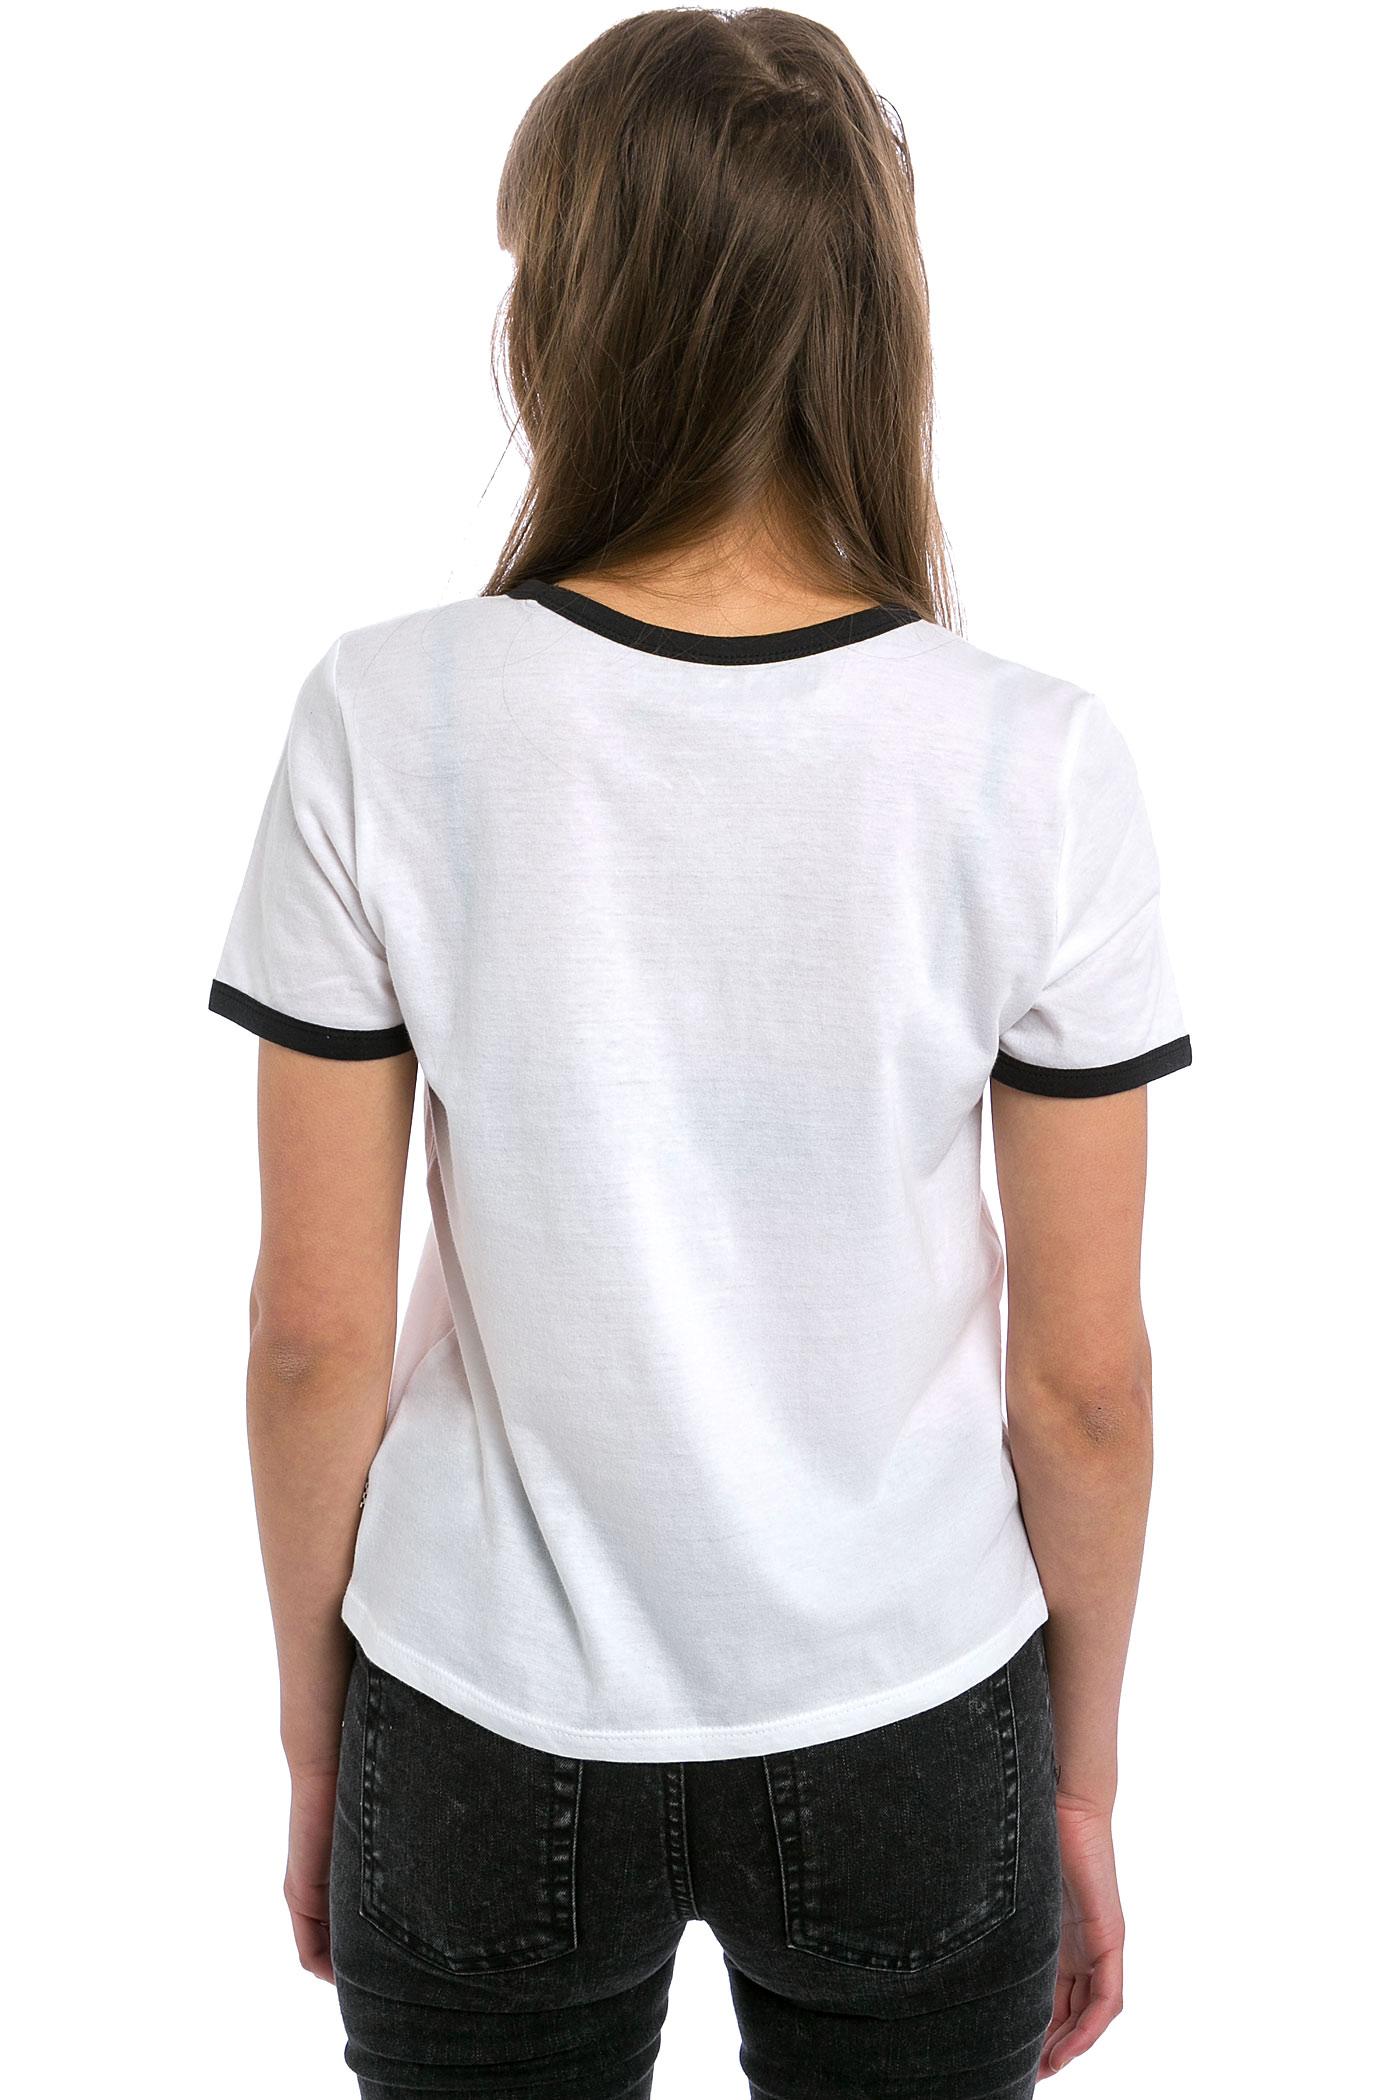 Vans V Tangler T-Shirt women (white black) buy at skatedeluxe Vans T Shirt For Girls